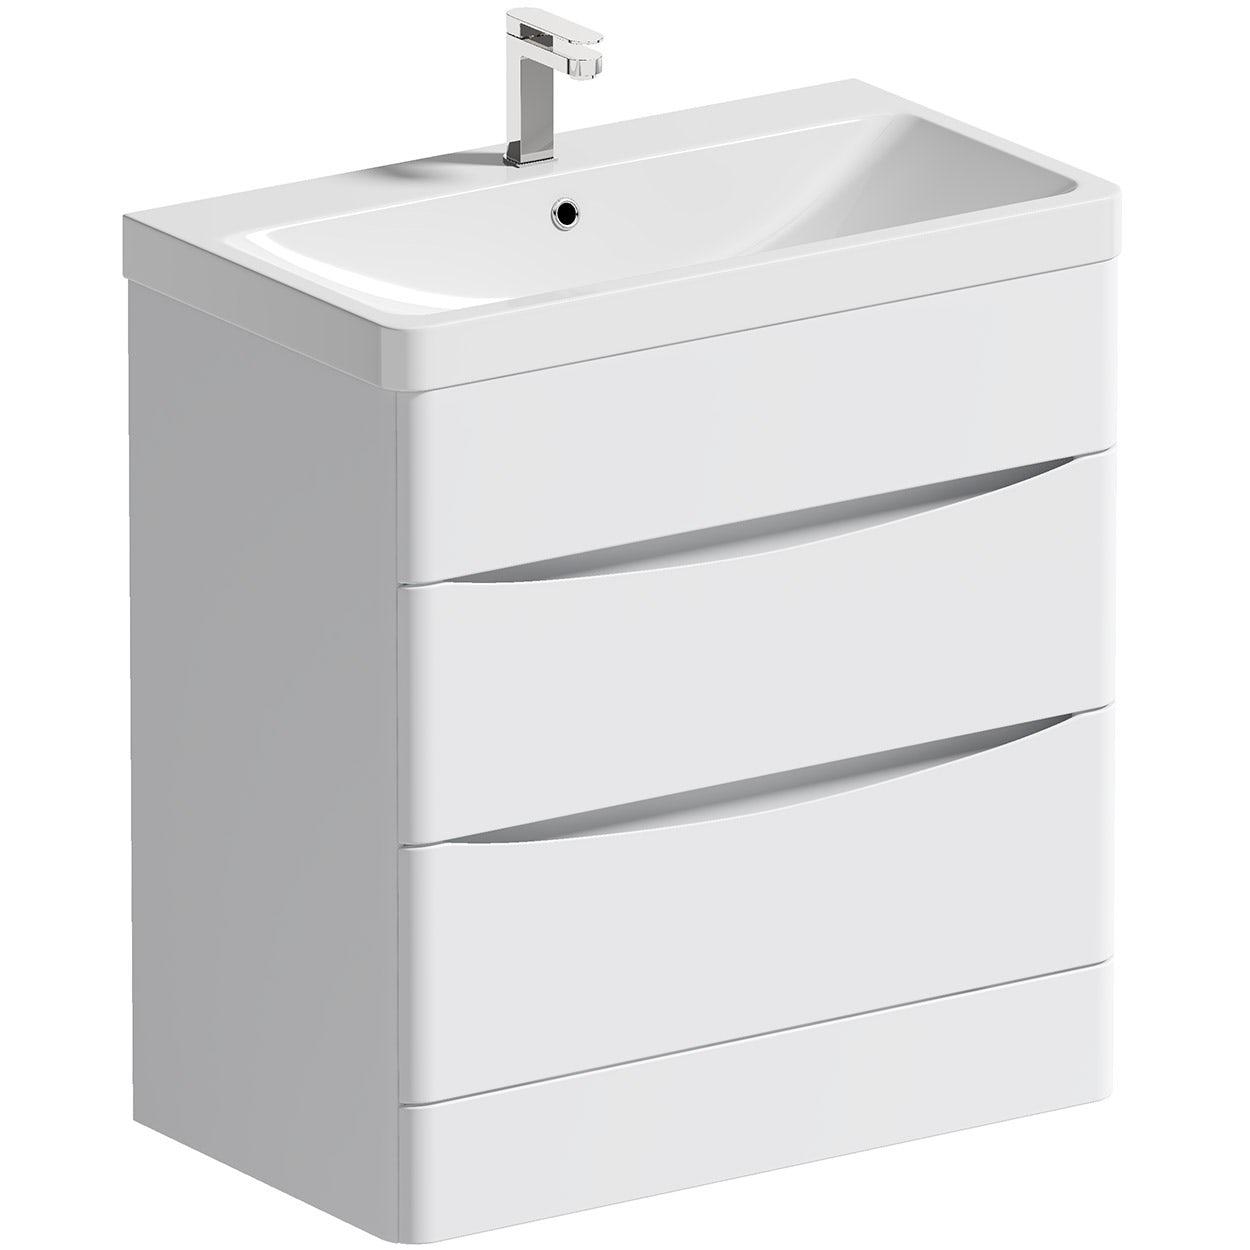 Mode Adler white 800mm floorstanding vanity unit and basin